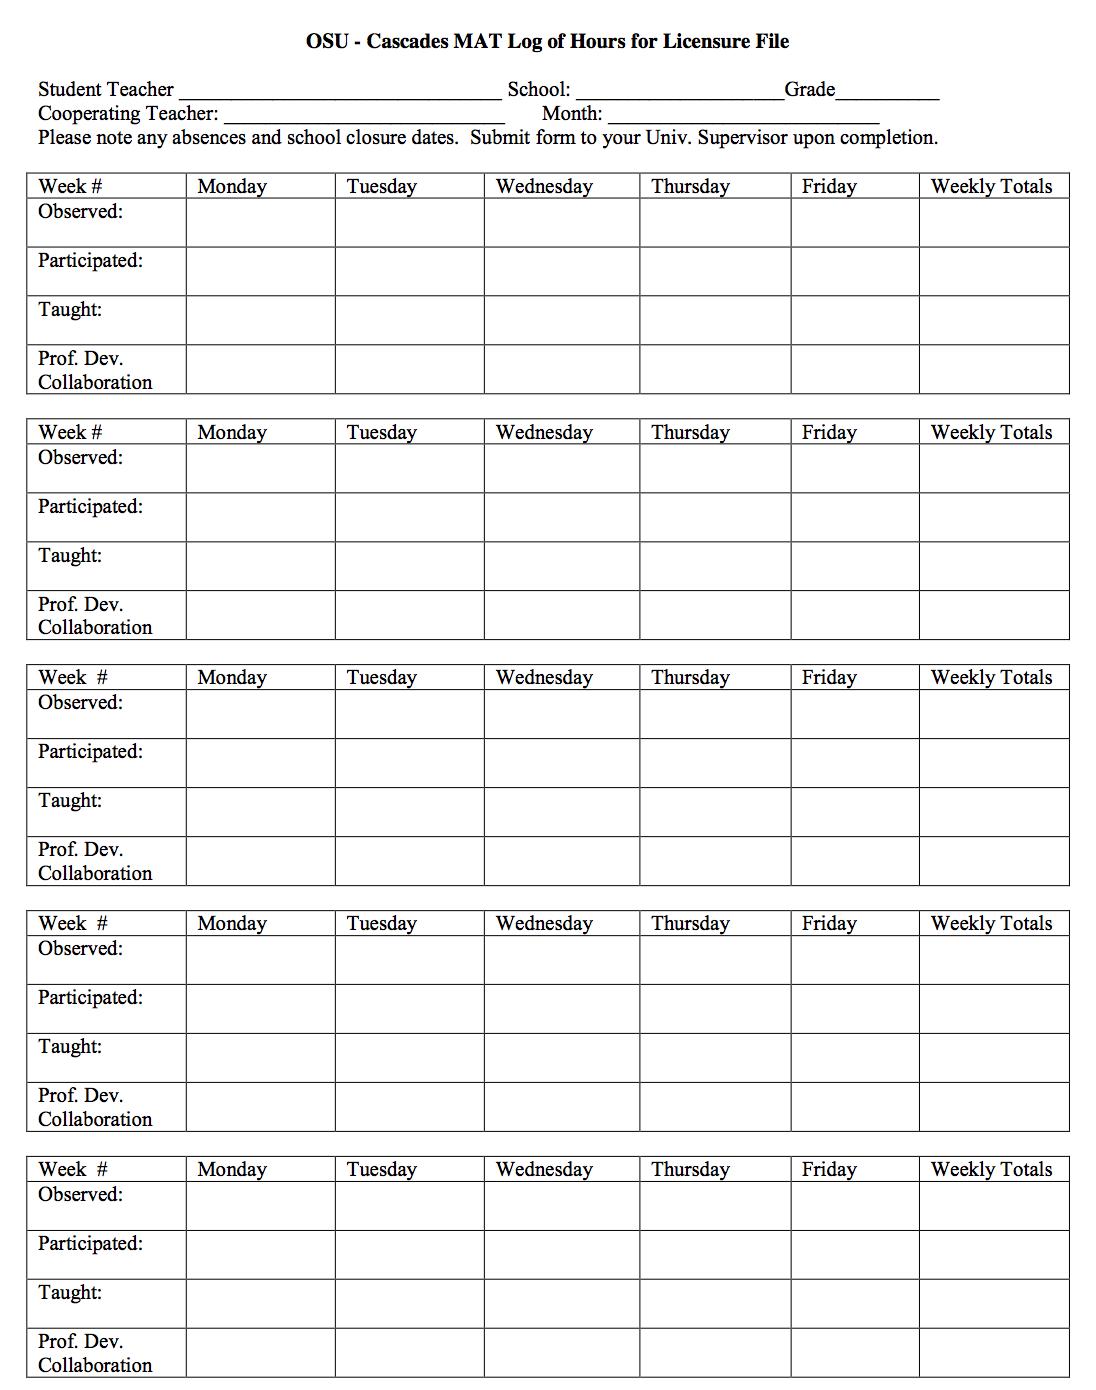 Log of Hours Form - OSU-Cascades MAT Handbook